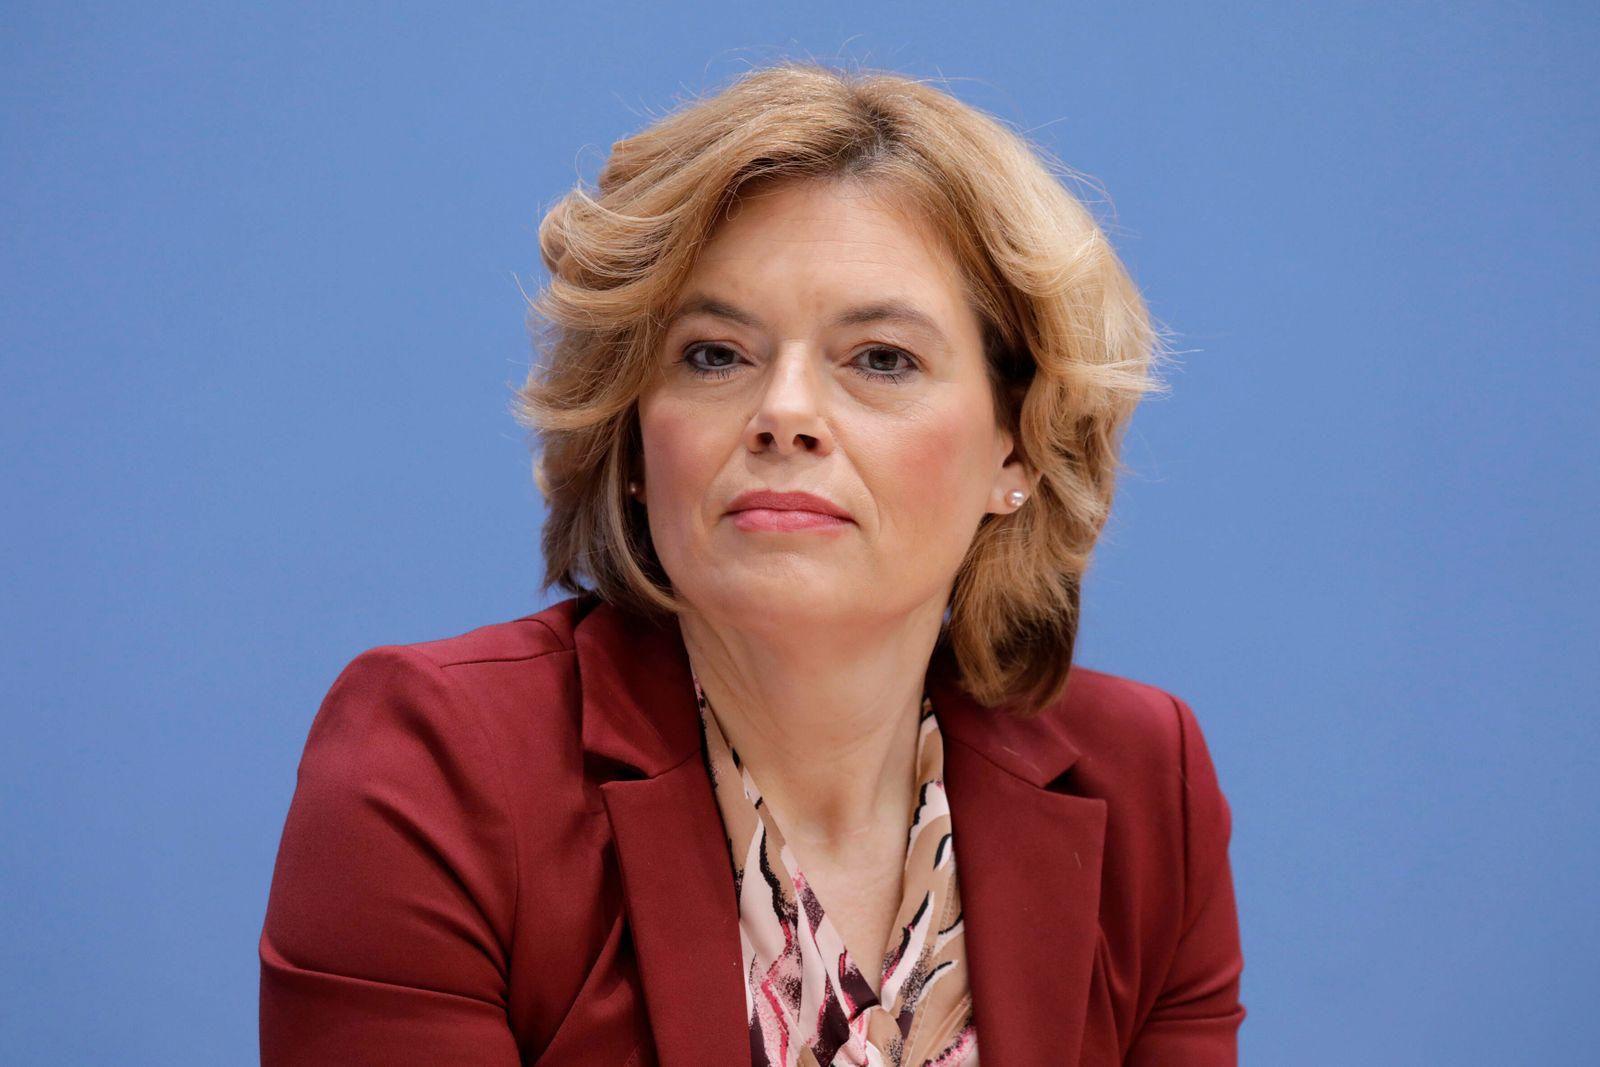 Julia Kloeckner, Bundesministerin fuer Ernaehrung und Landwirtschaft, CDU, PK zu - 20 Jahre Bio-Siegel - Ergebnisse des